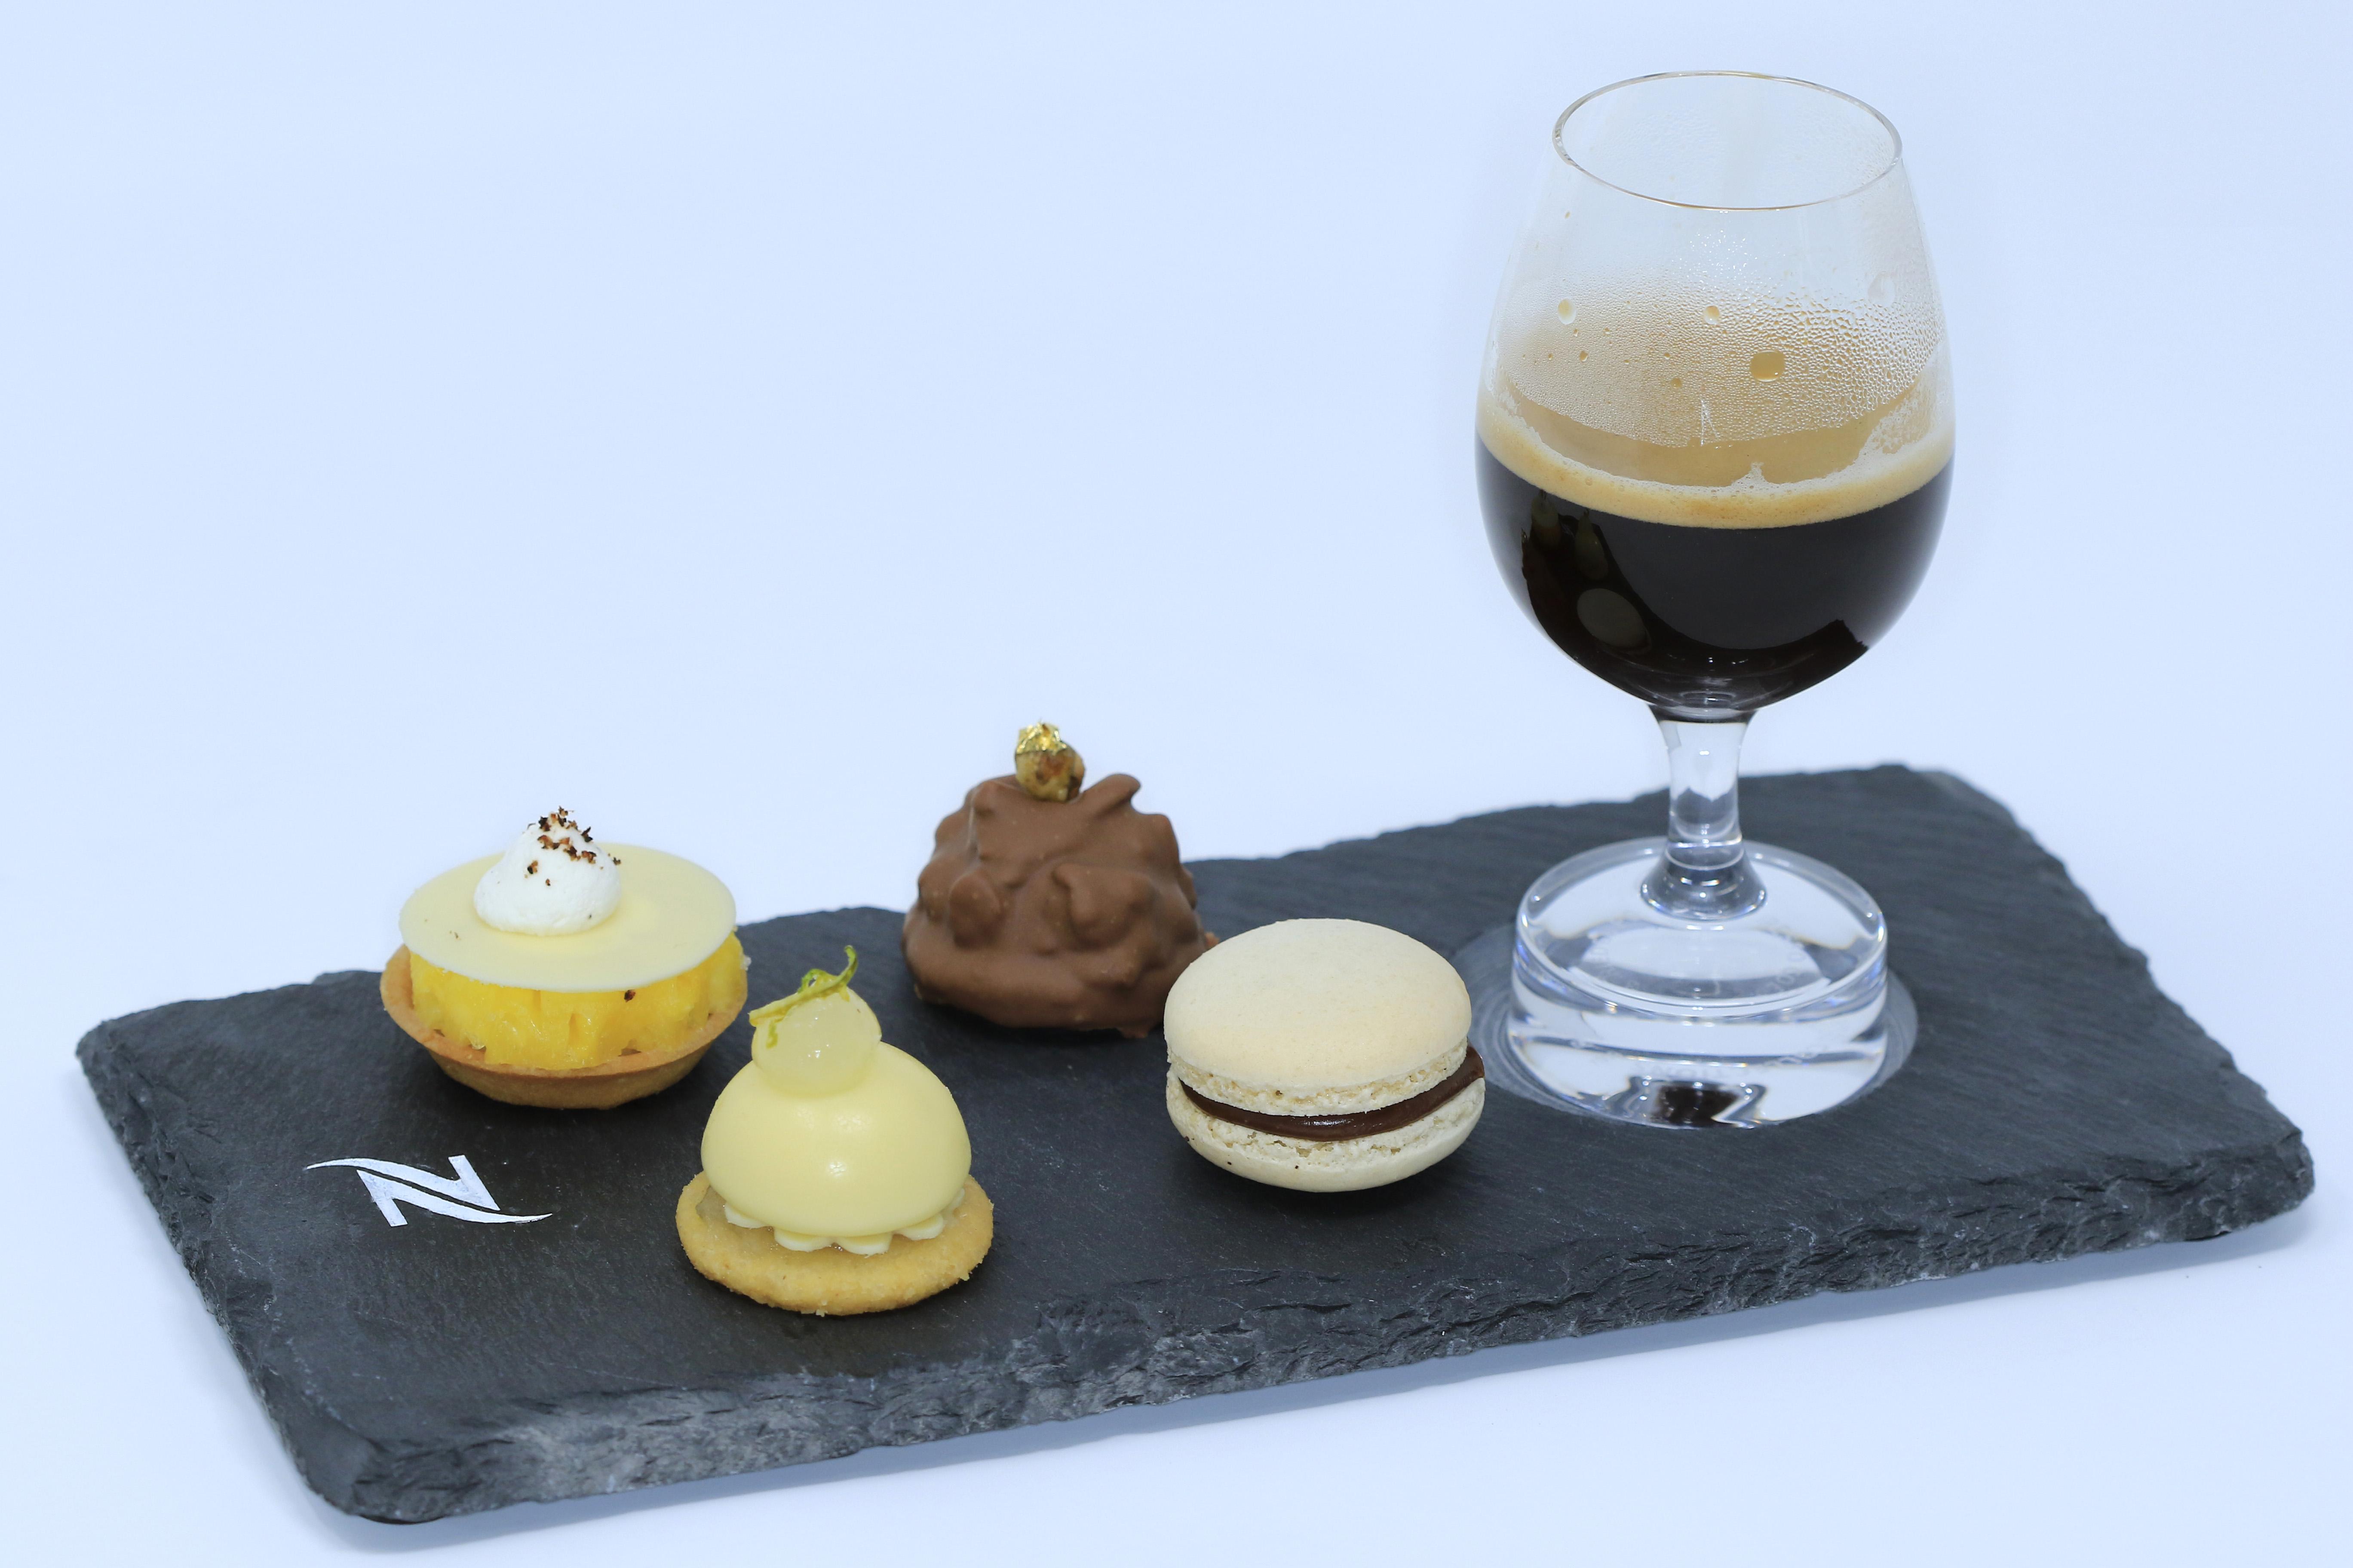 Image Café Gourmand nespresso cafÉ gourmand competition | festival culinaire bernard